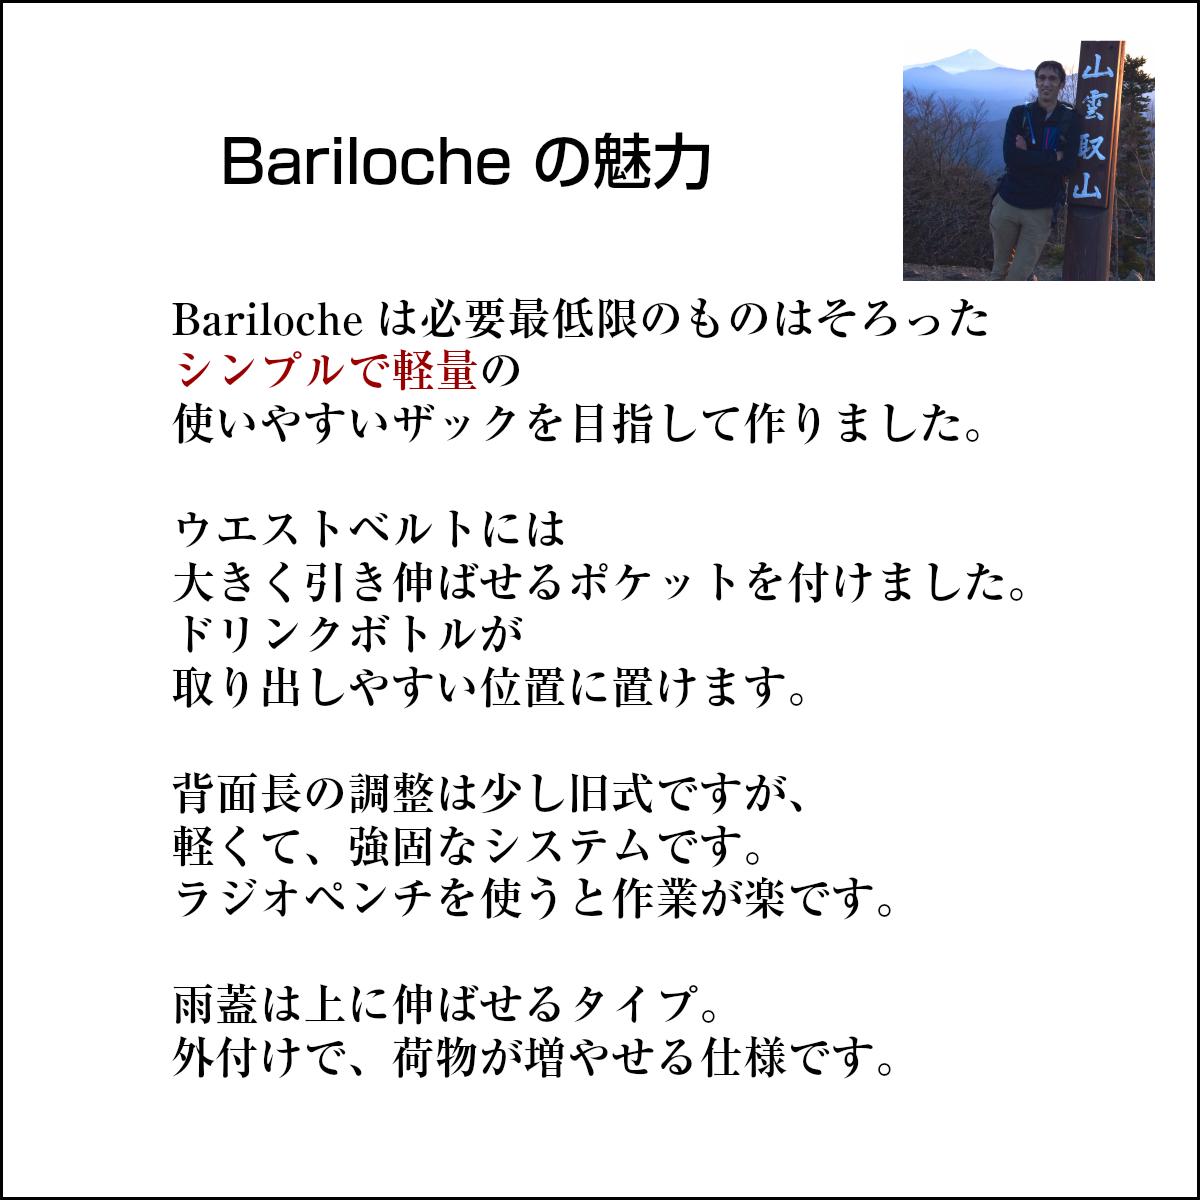 【セット】 60Lの大型ザックと小さいリュックのセット Bariloche バリローチェ60Lセット